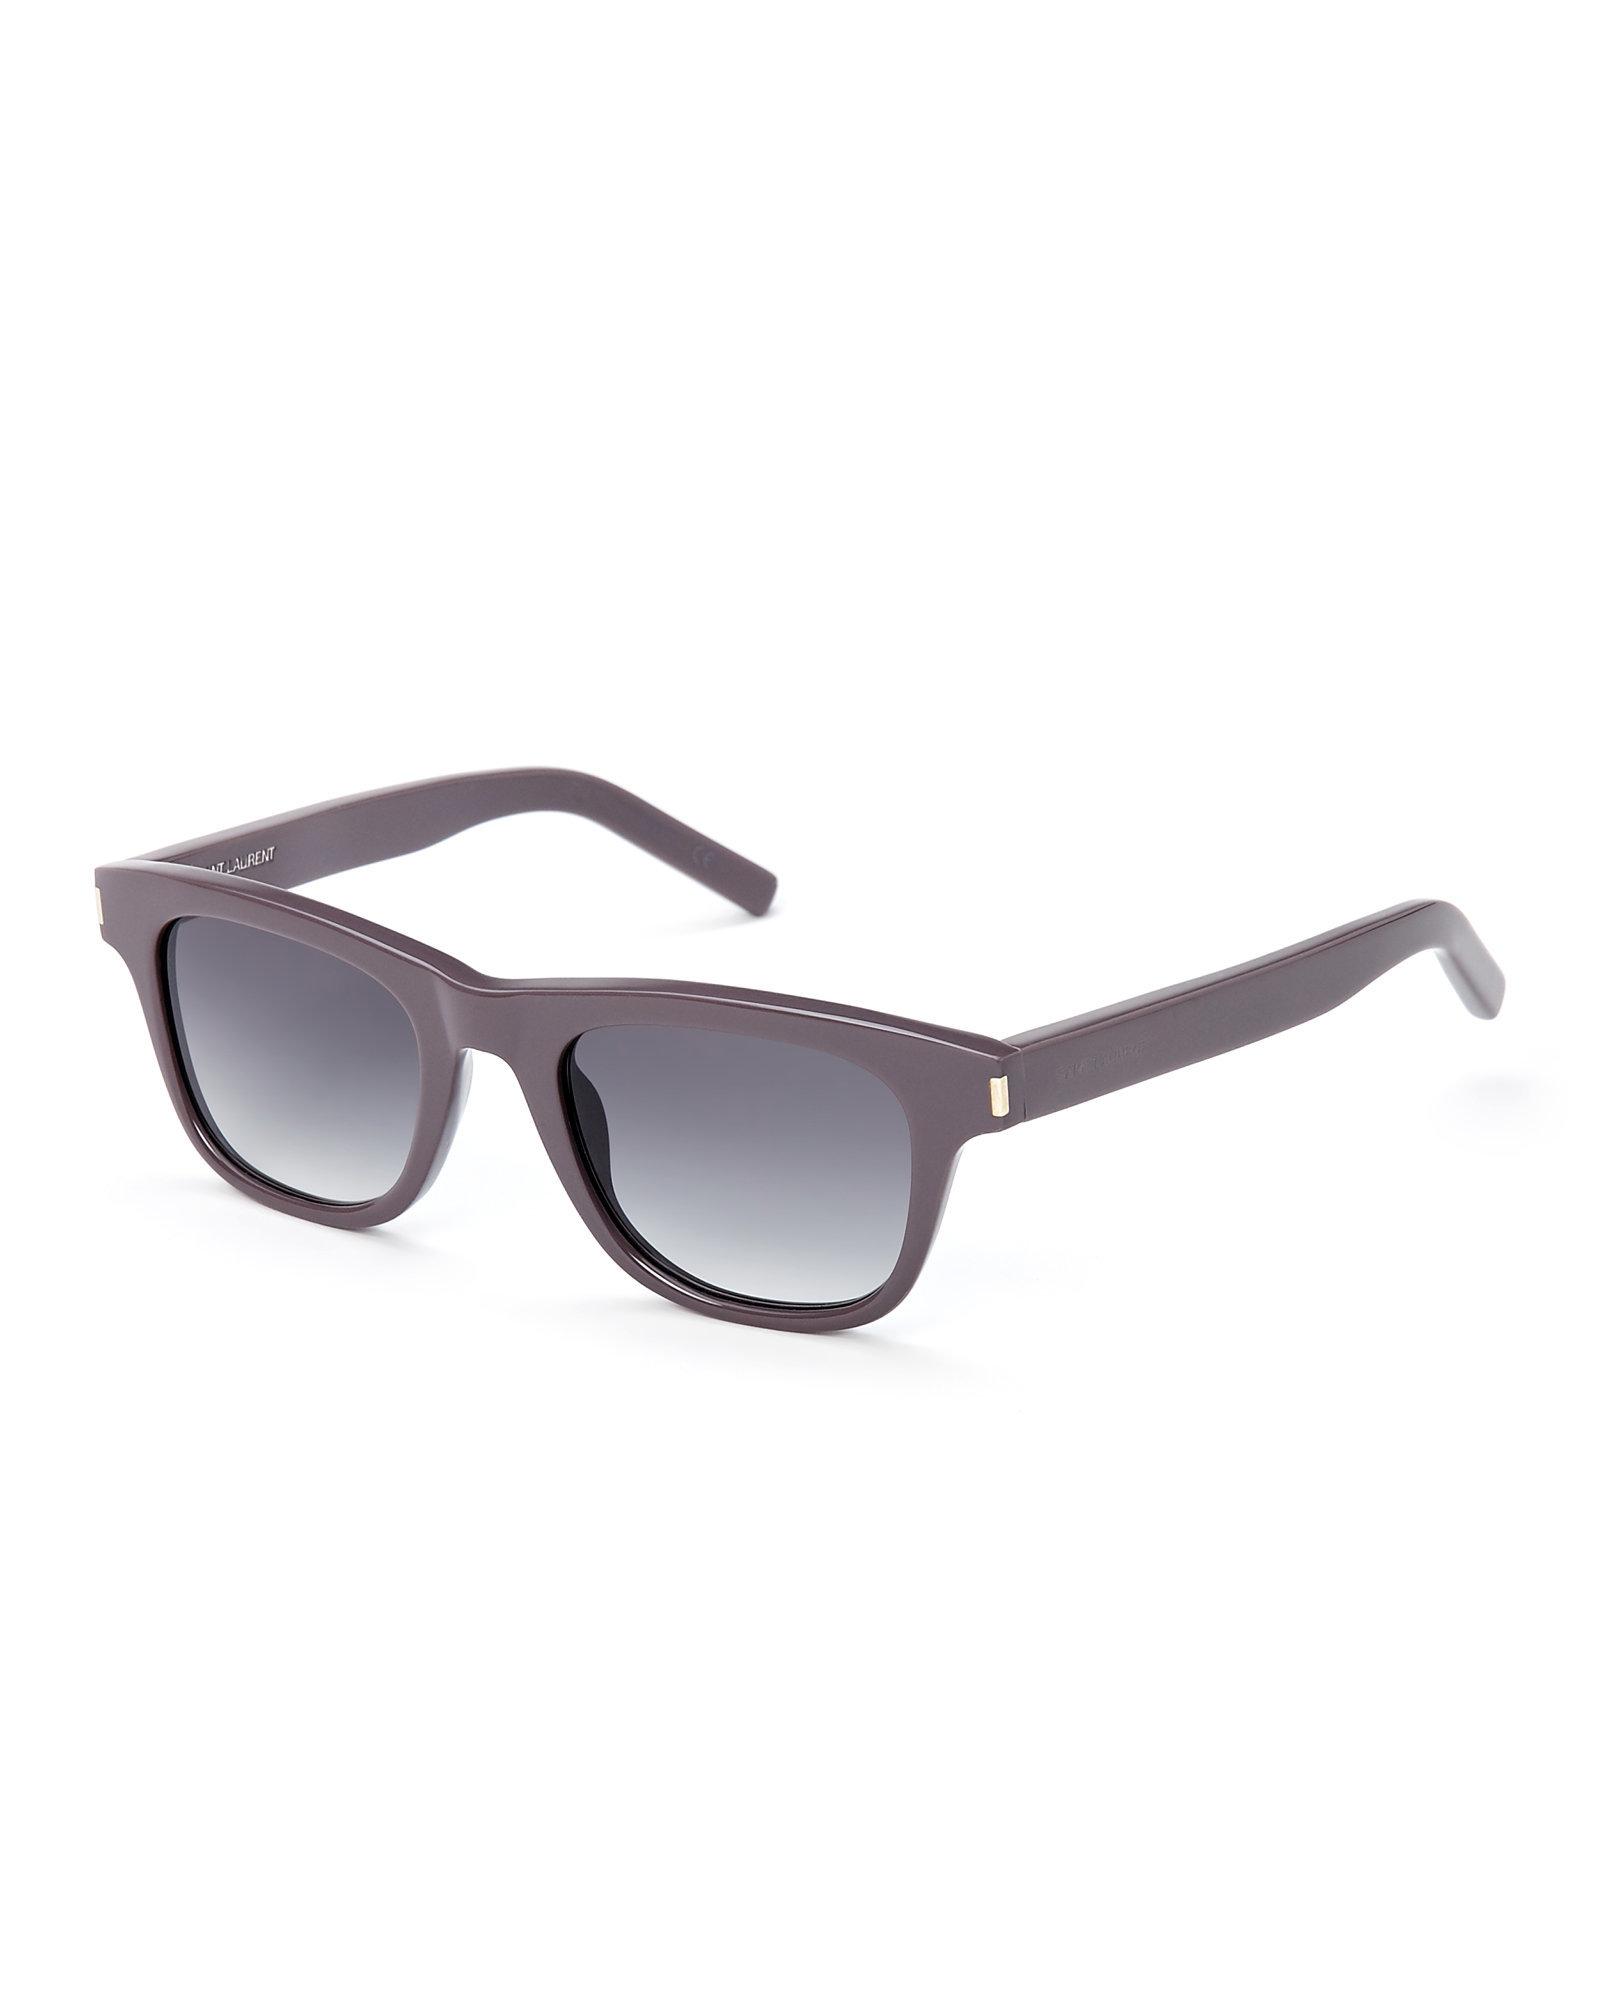 Men 2 Grey Gray Classic Wayfarer I1djj Saint For Sunglasses Laurent I9HbeEDYW2